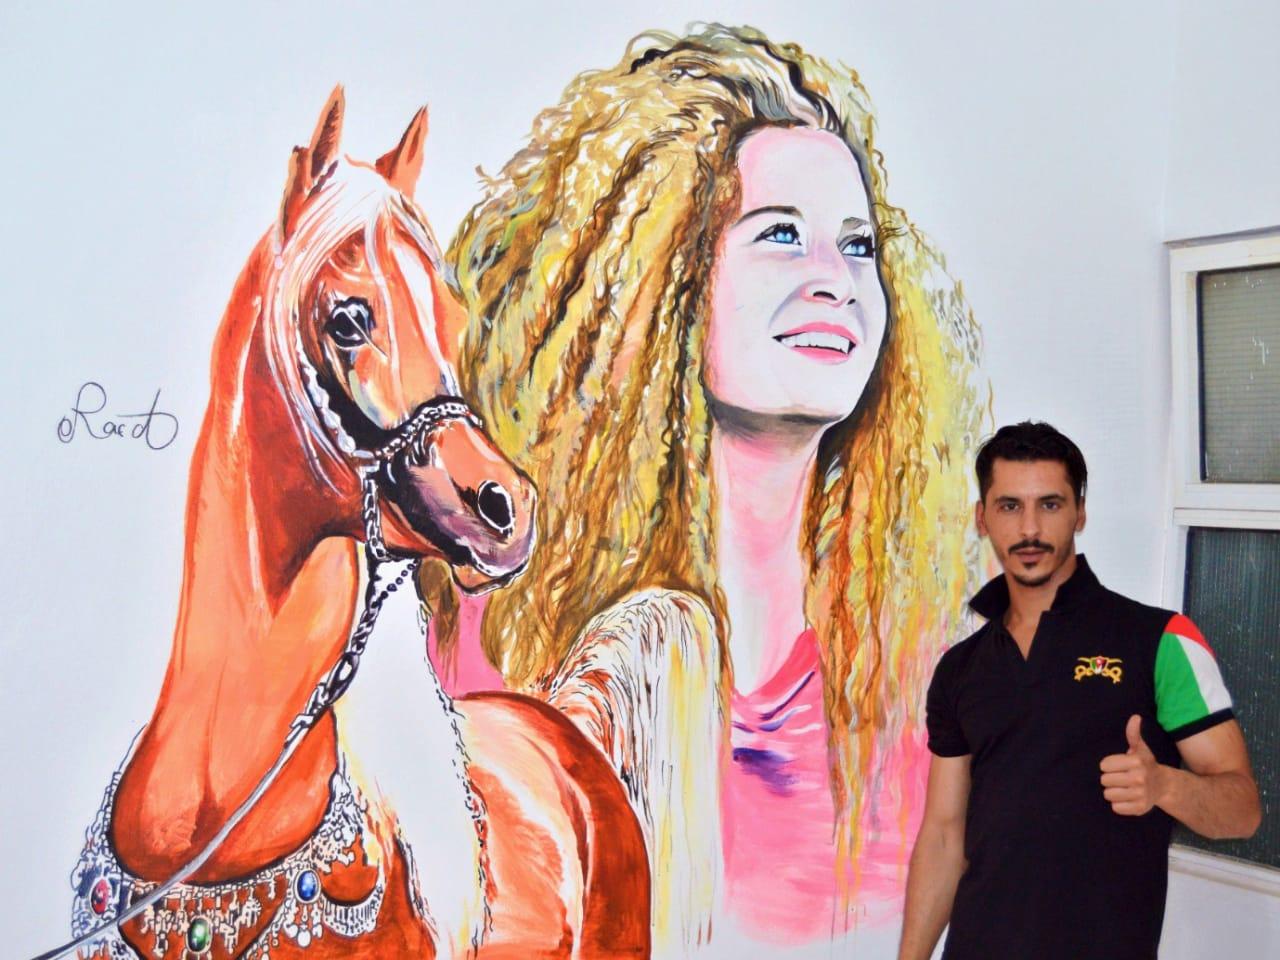 فنان اردني يرسم جدارية لعهد التميمي في الطفيلة